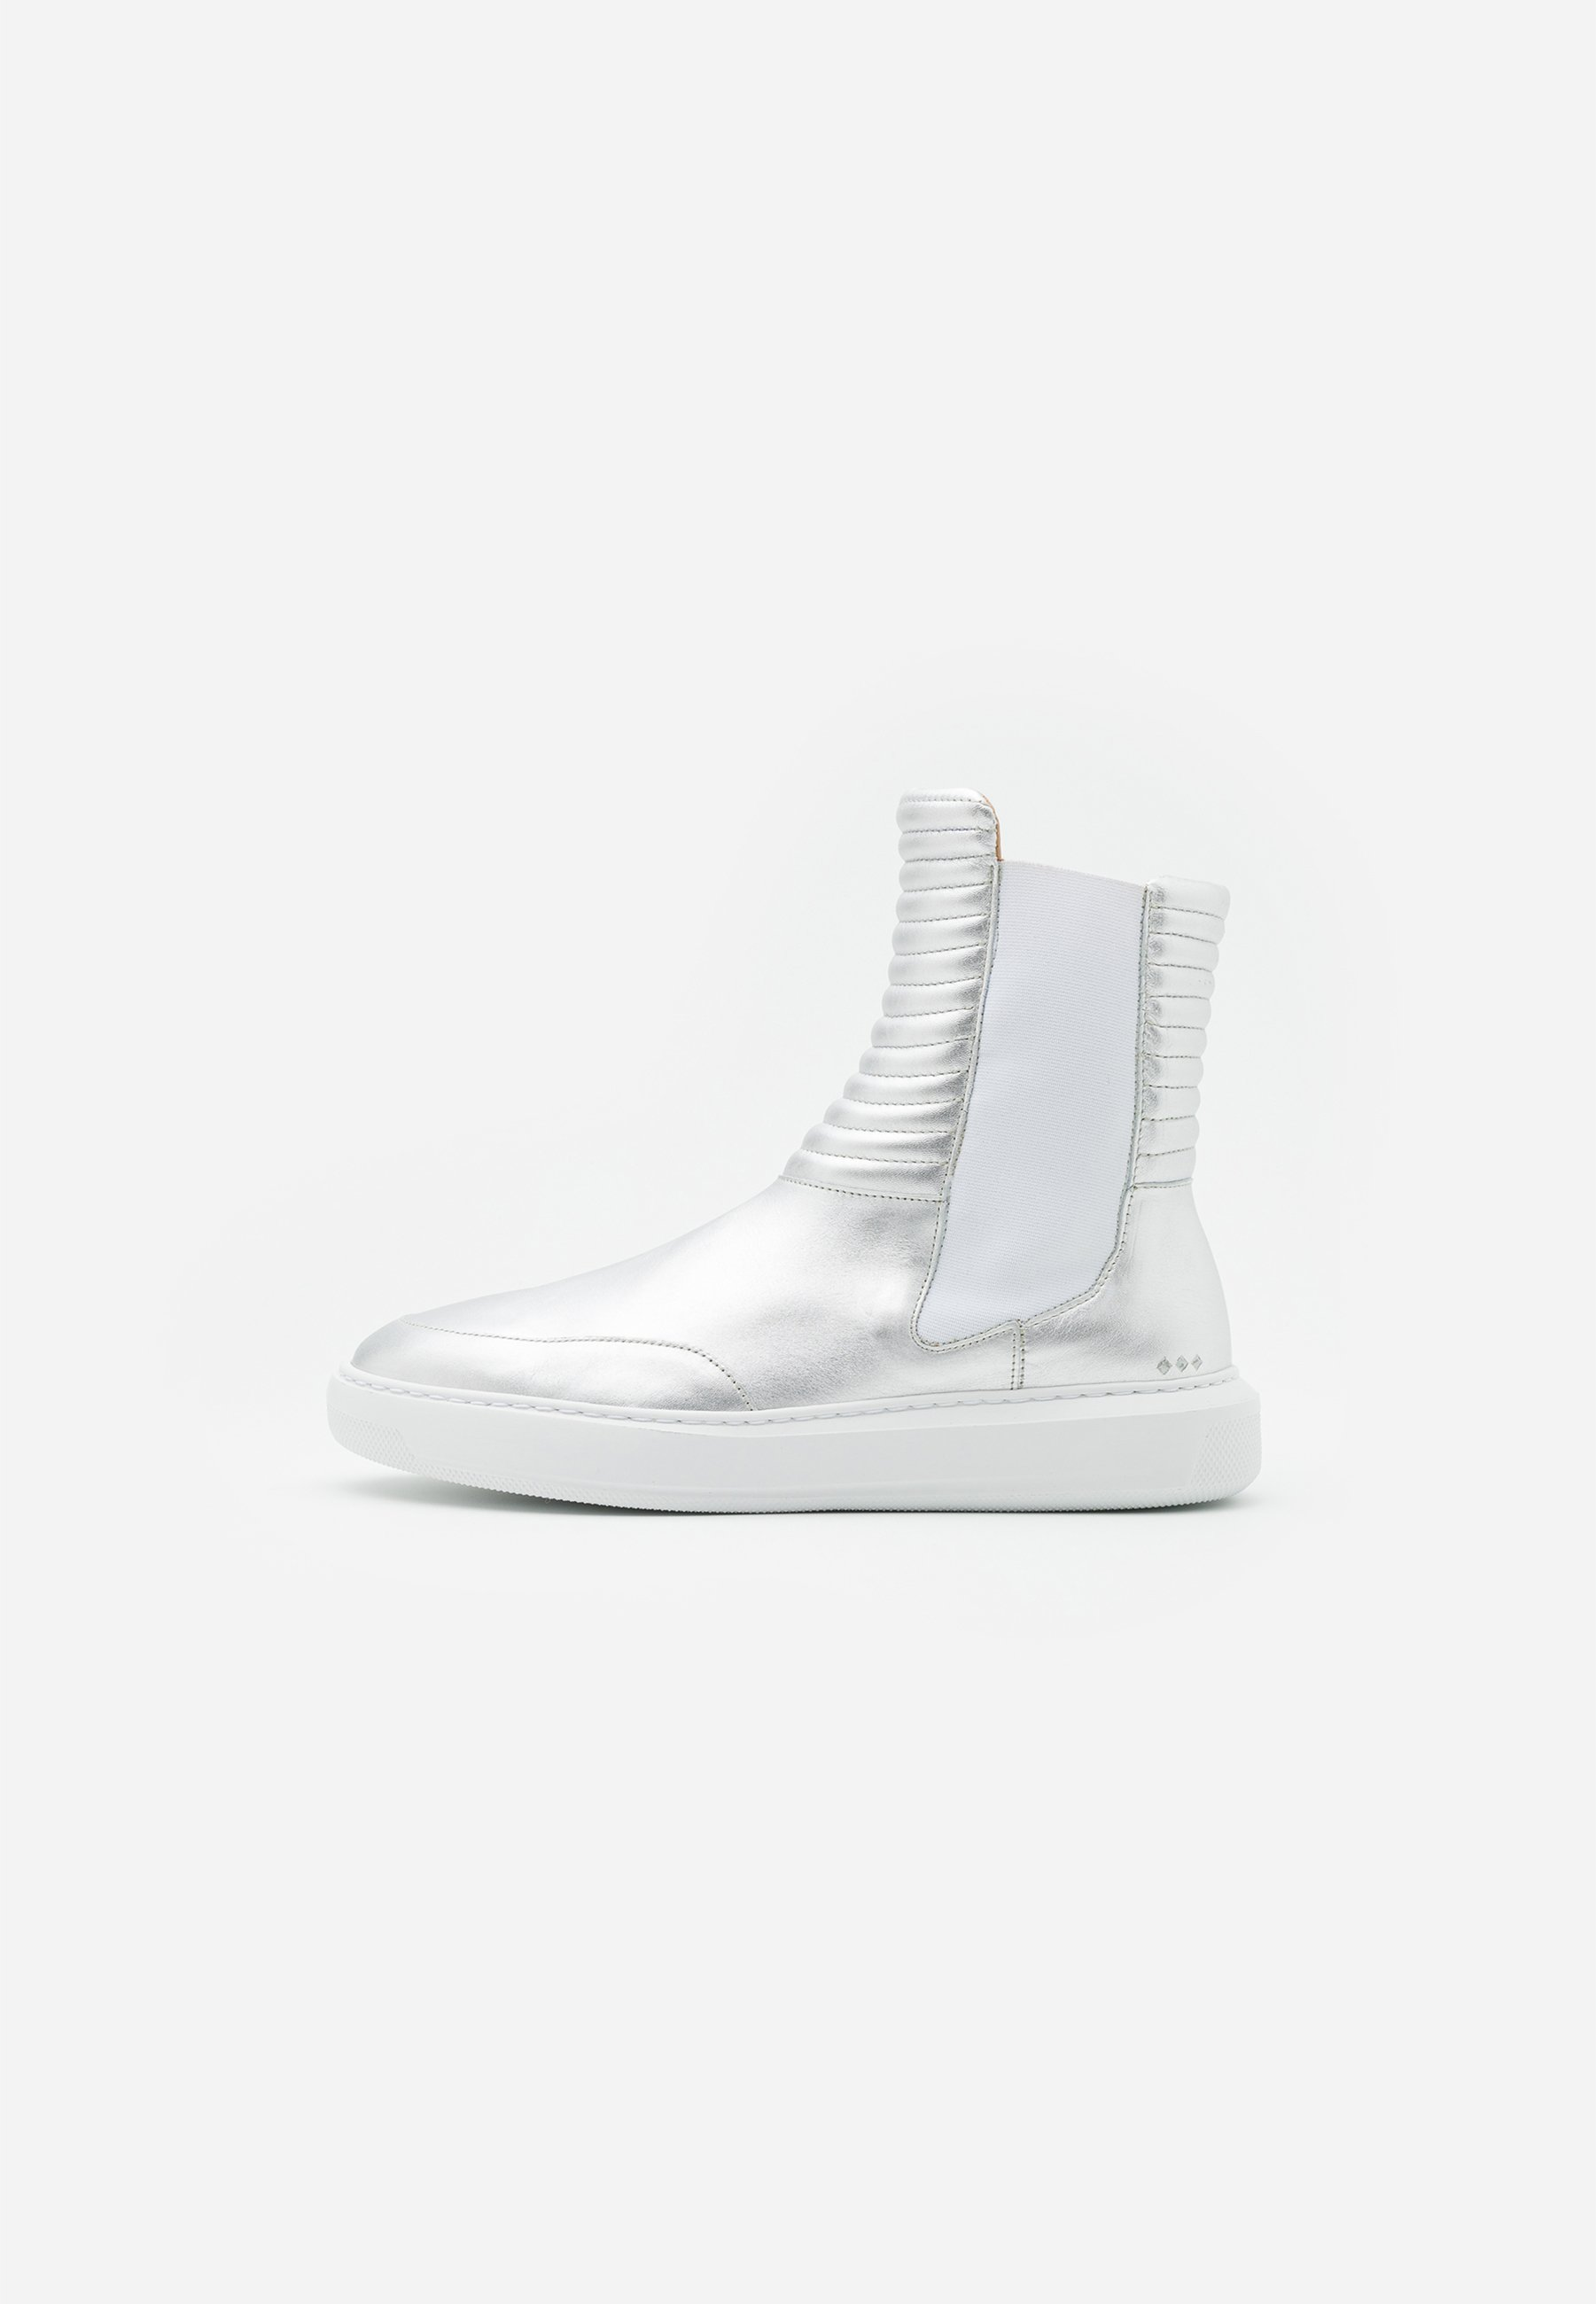 Silverfärgade Herrskor   Köp skor online på Zalando.se